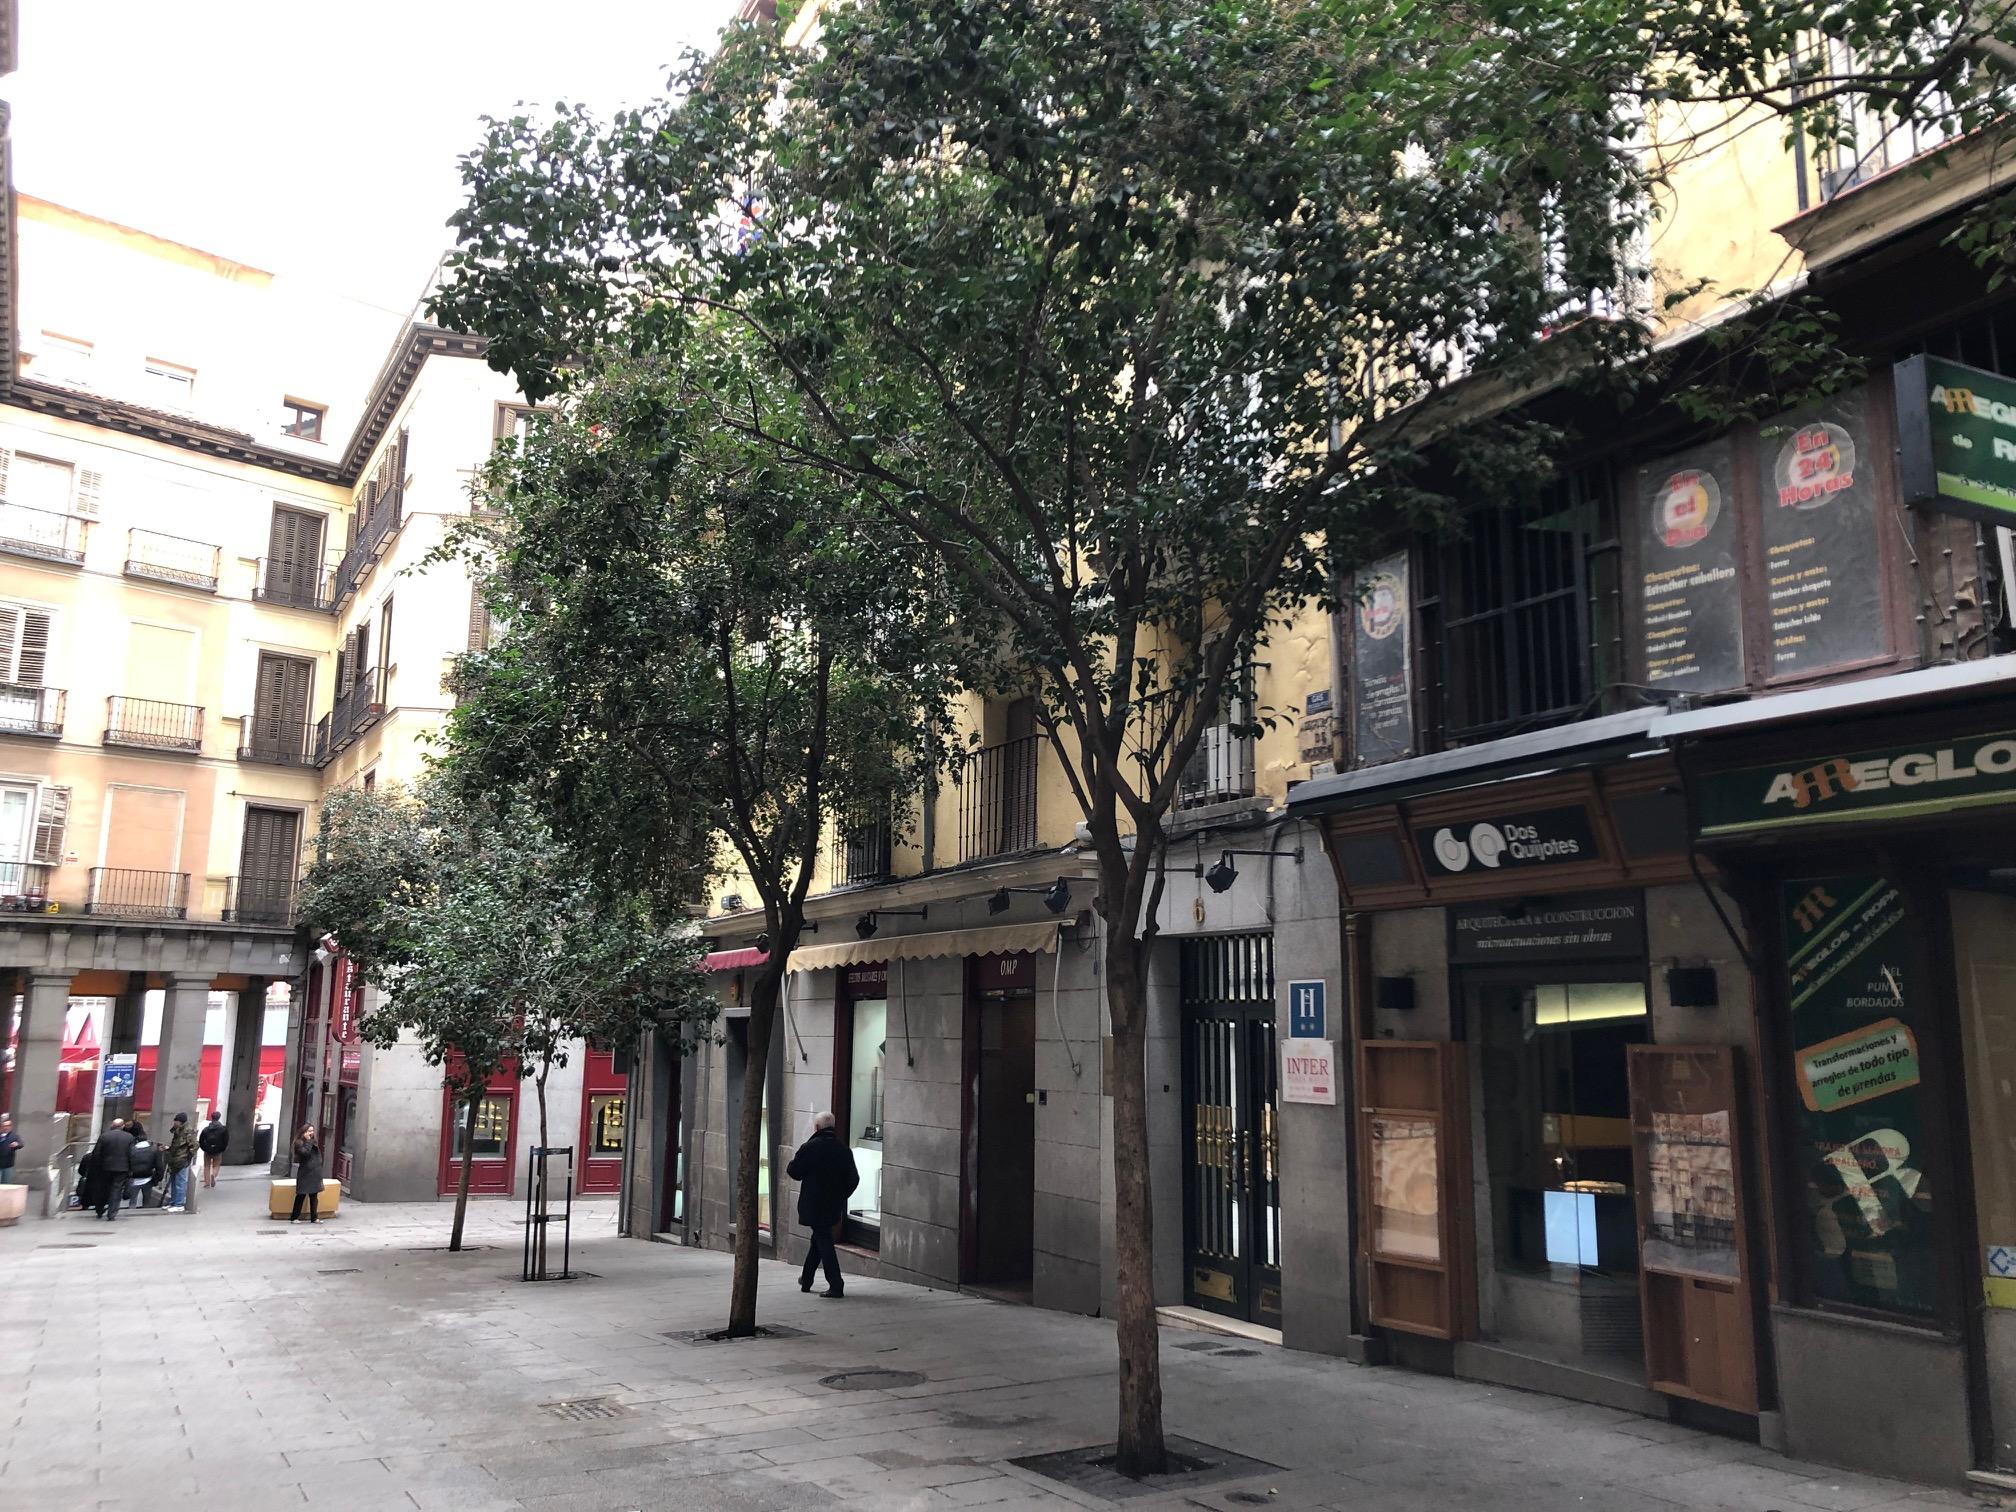 Local en Sol - Calle Zaragoza 6Superficie 191m2Renta esperada 3.700 EUROS/MESPrecio de venta 875.000 EUROS